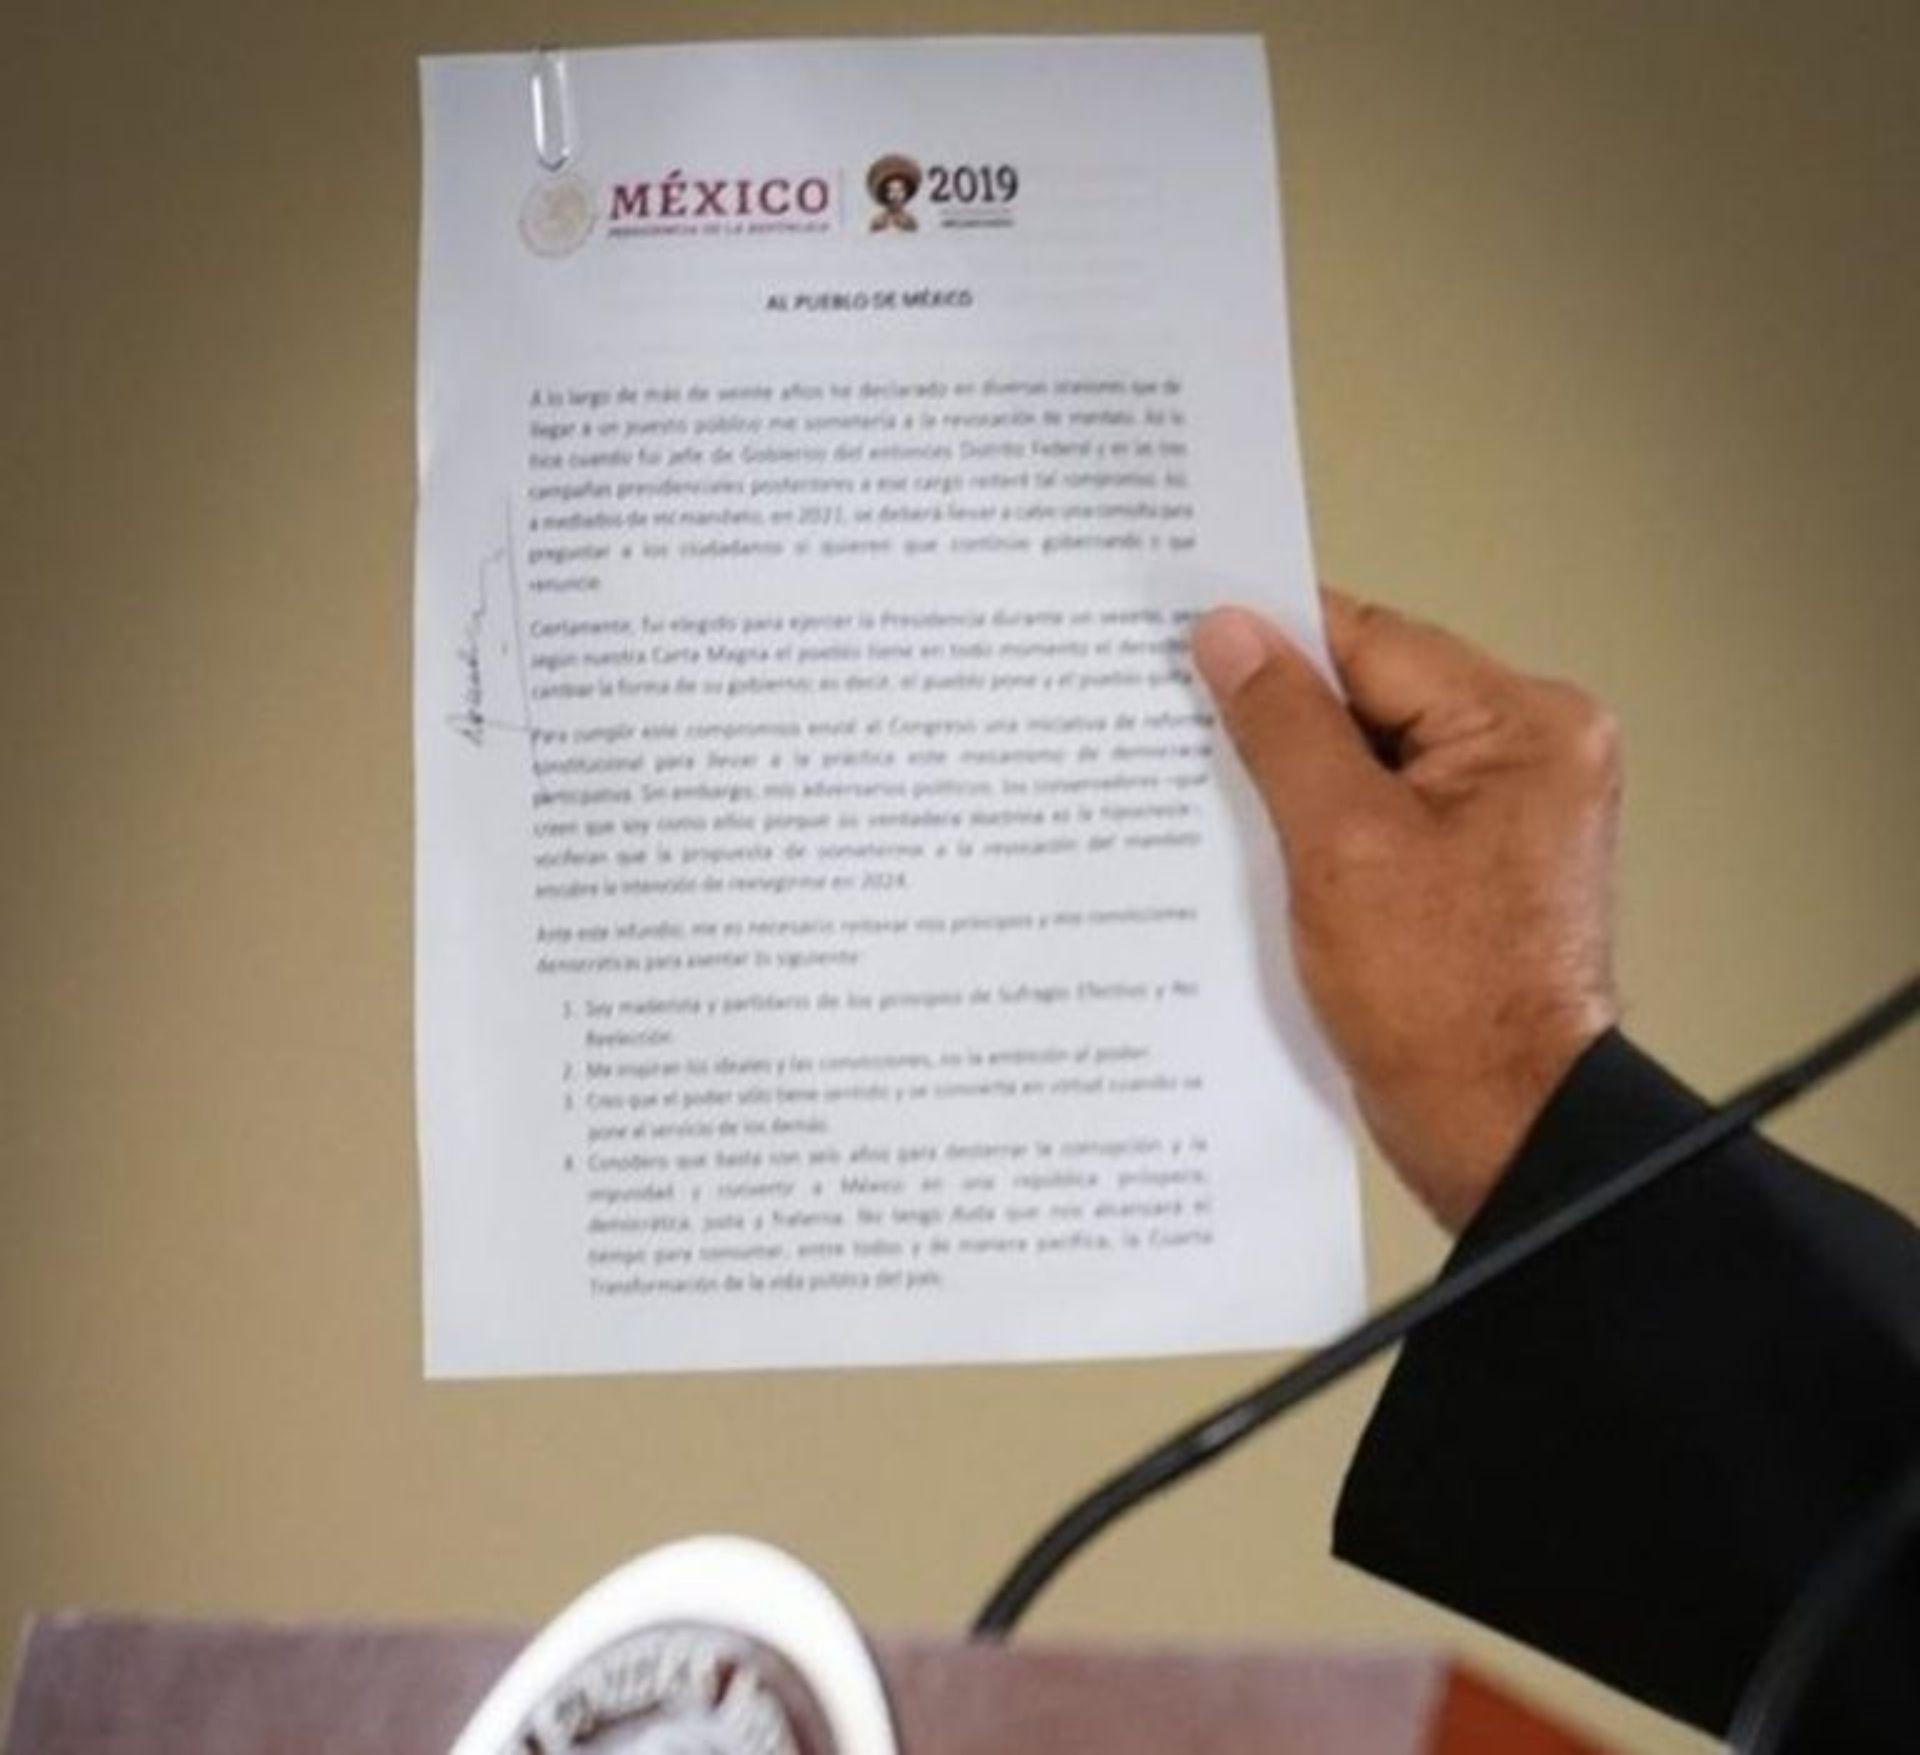 La oposición asegura que la revocación de mandato es una estrategia de Obrador para perpetuarse en el poder (Foto: Presidencia de México)